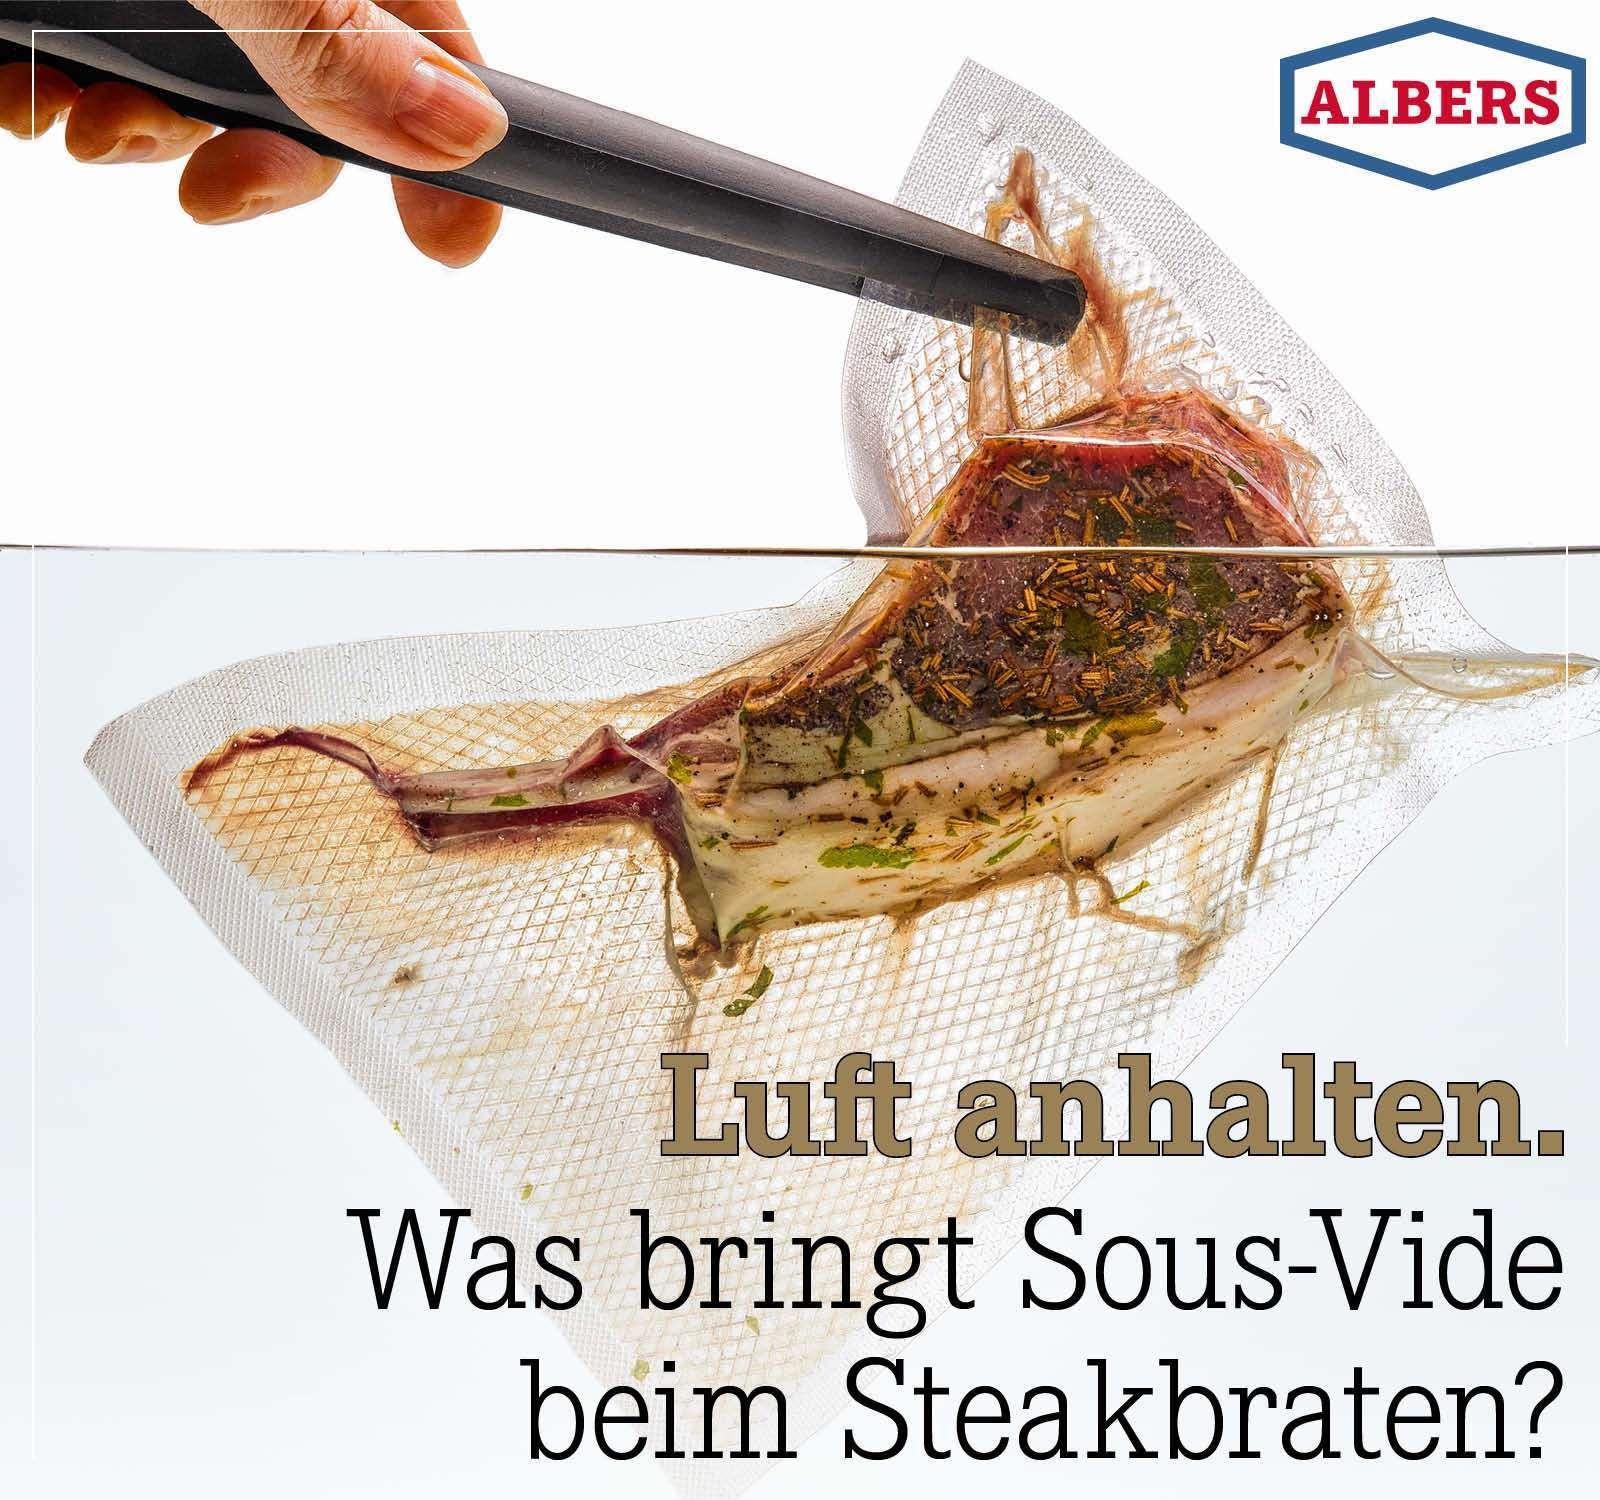 Luft anhalten. Was bringt Sous-Vide beim Steakbraten?